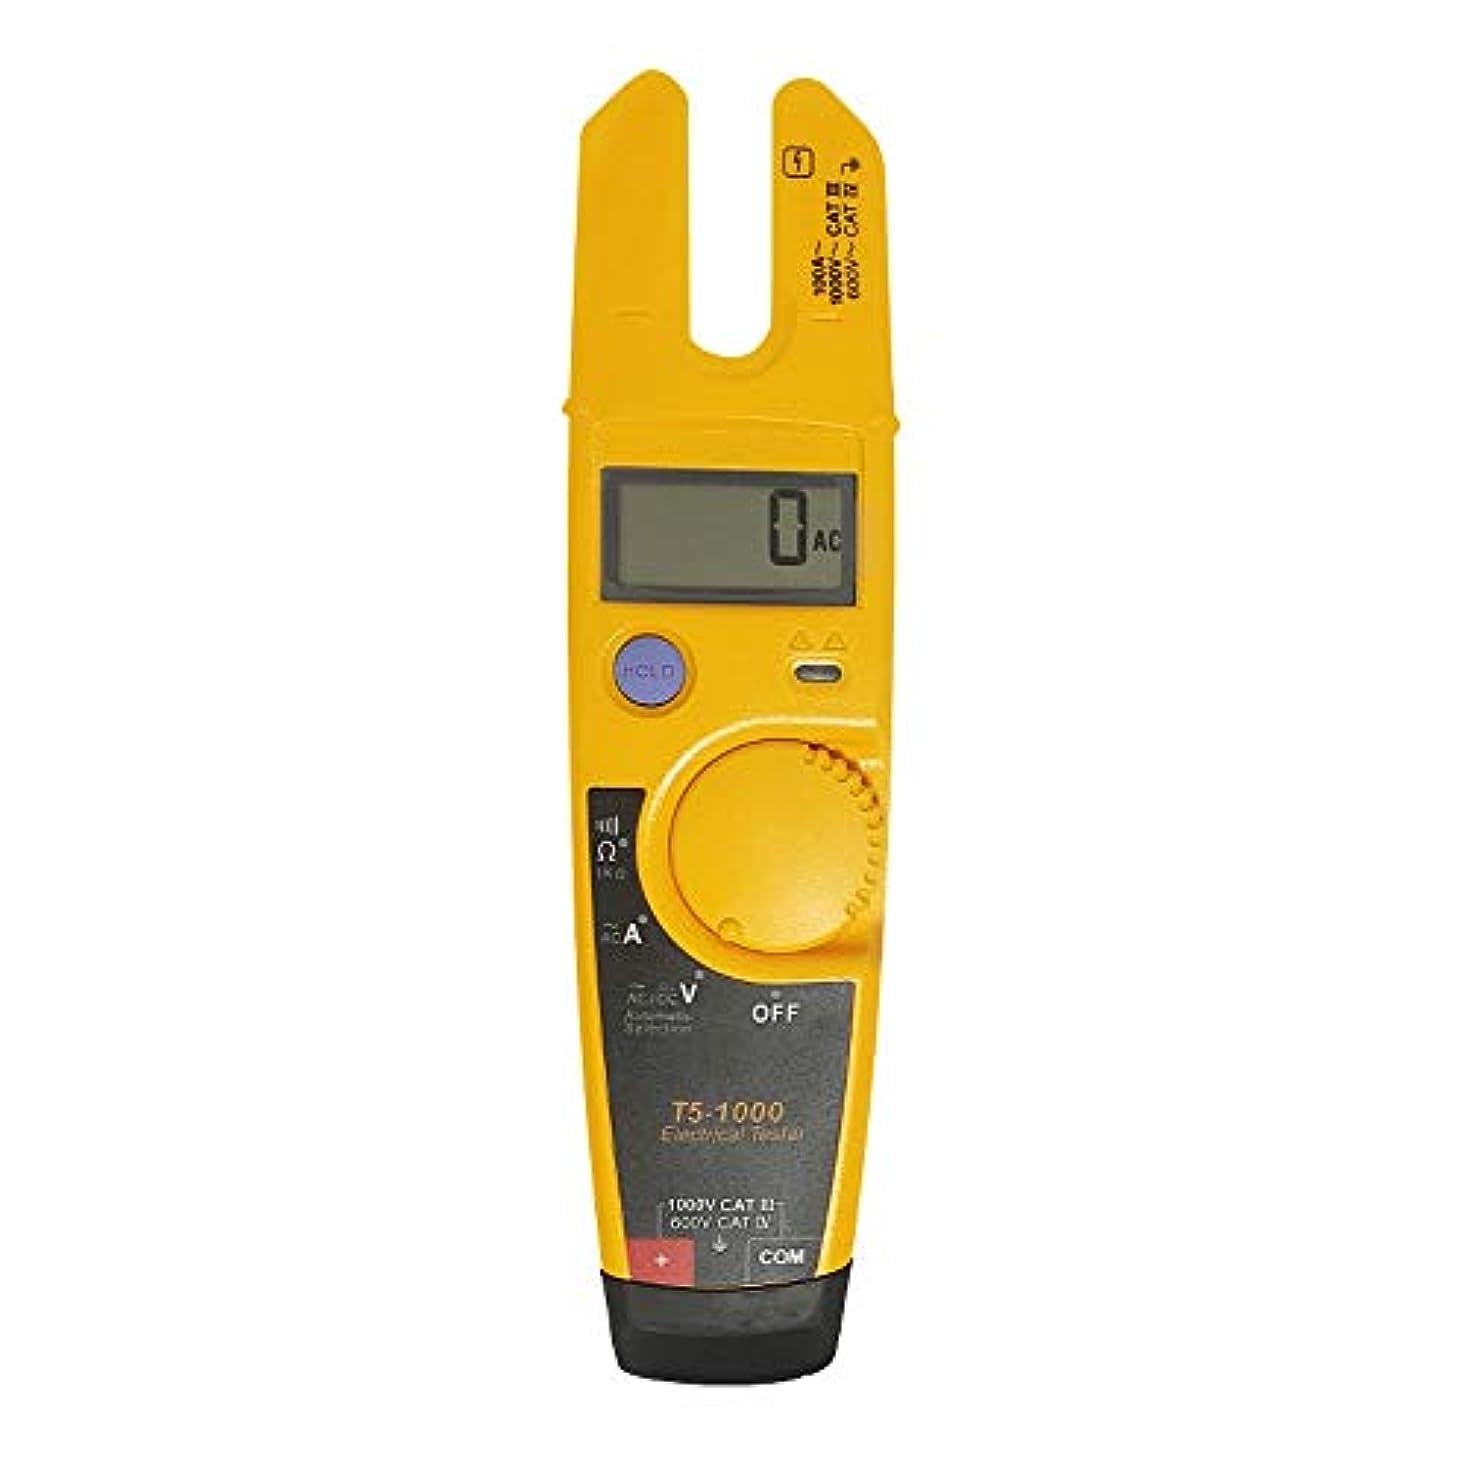 ヒステリック音マウスピースBTXXYJP Labloot ソフトケース付き T5-600 クランプメーター 電圧 連続電流 クランプメーター